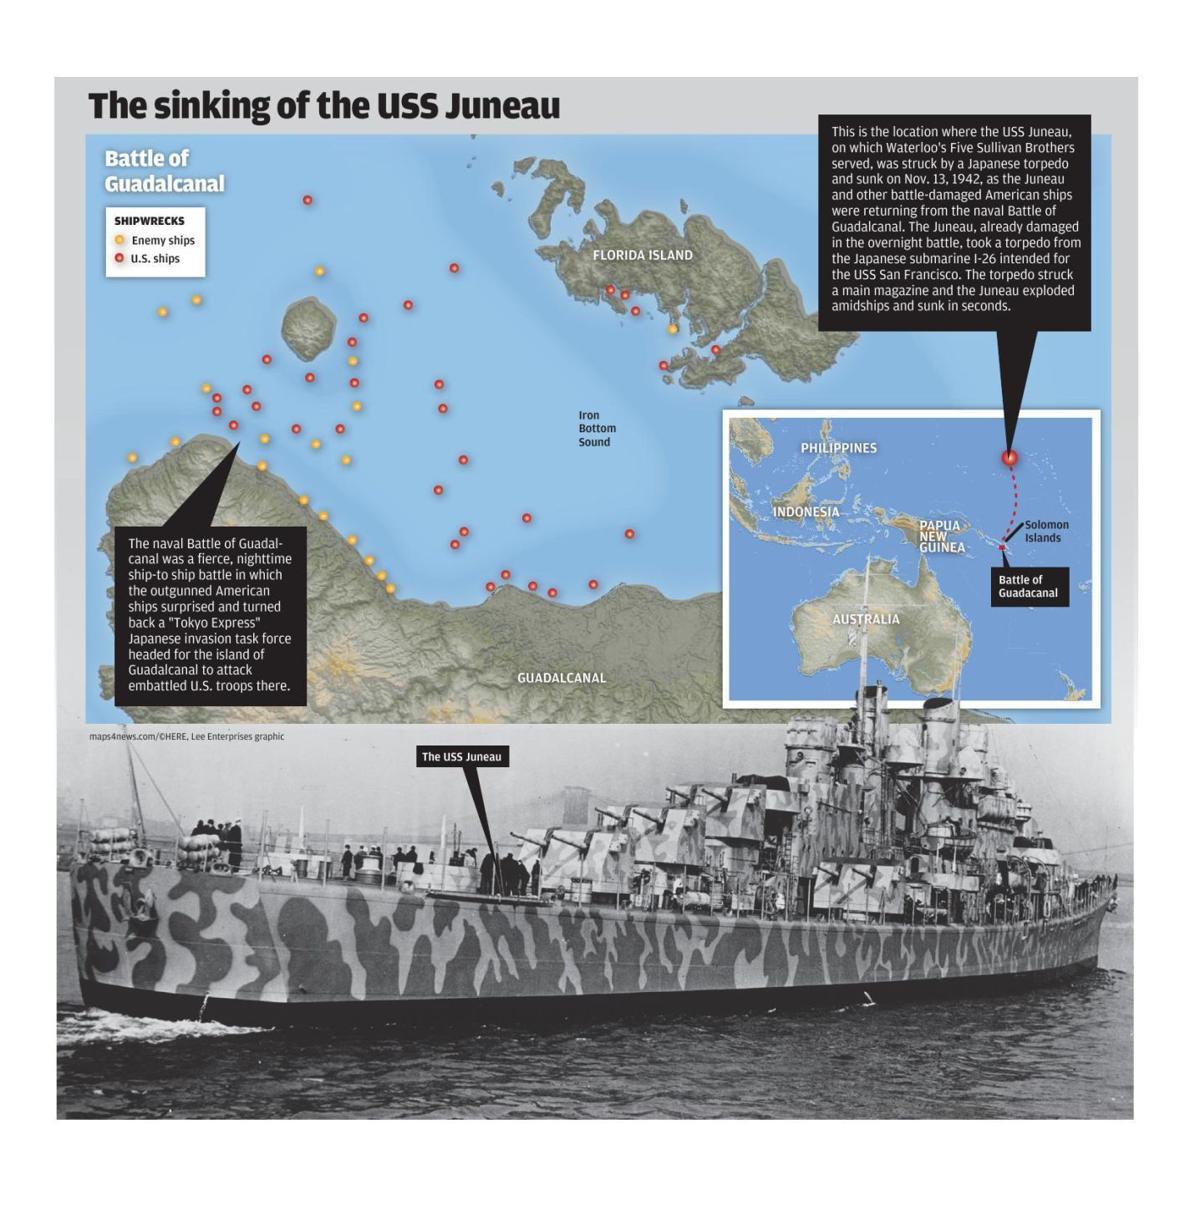 location of USS Juneau sinking